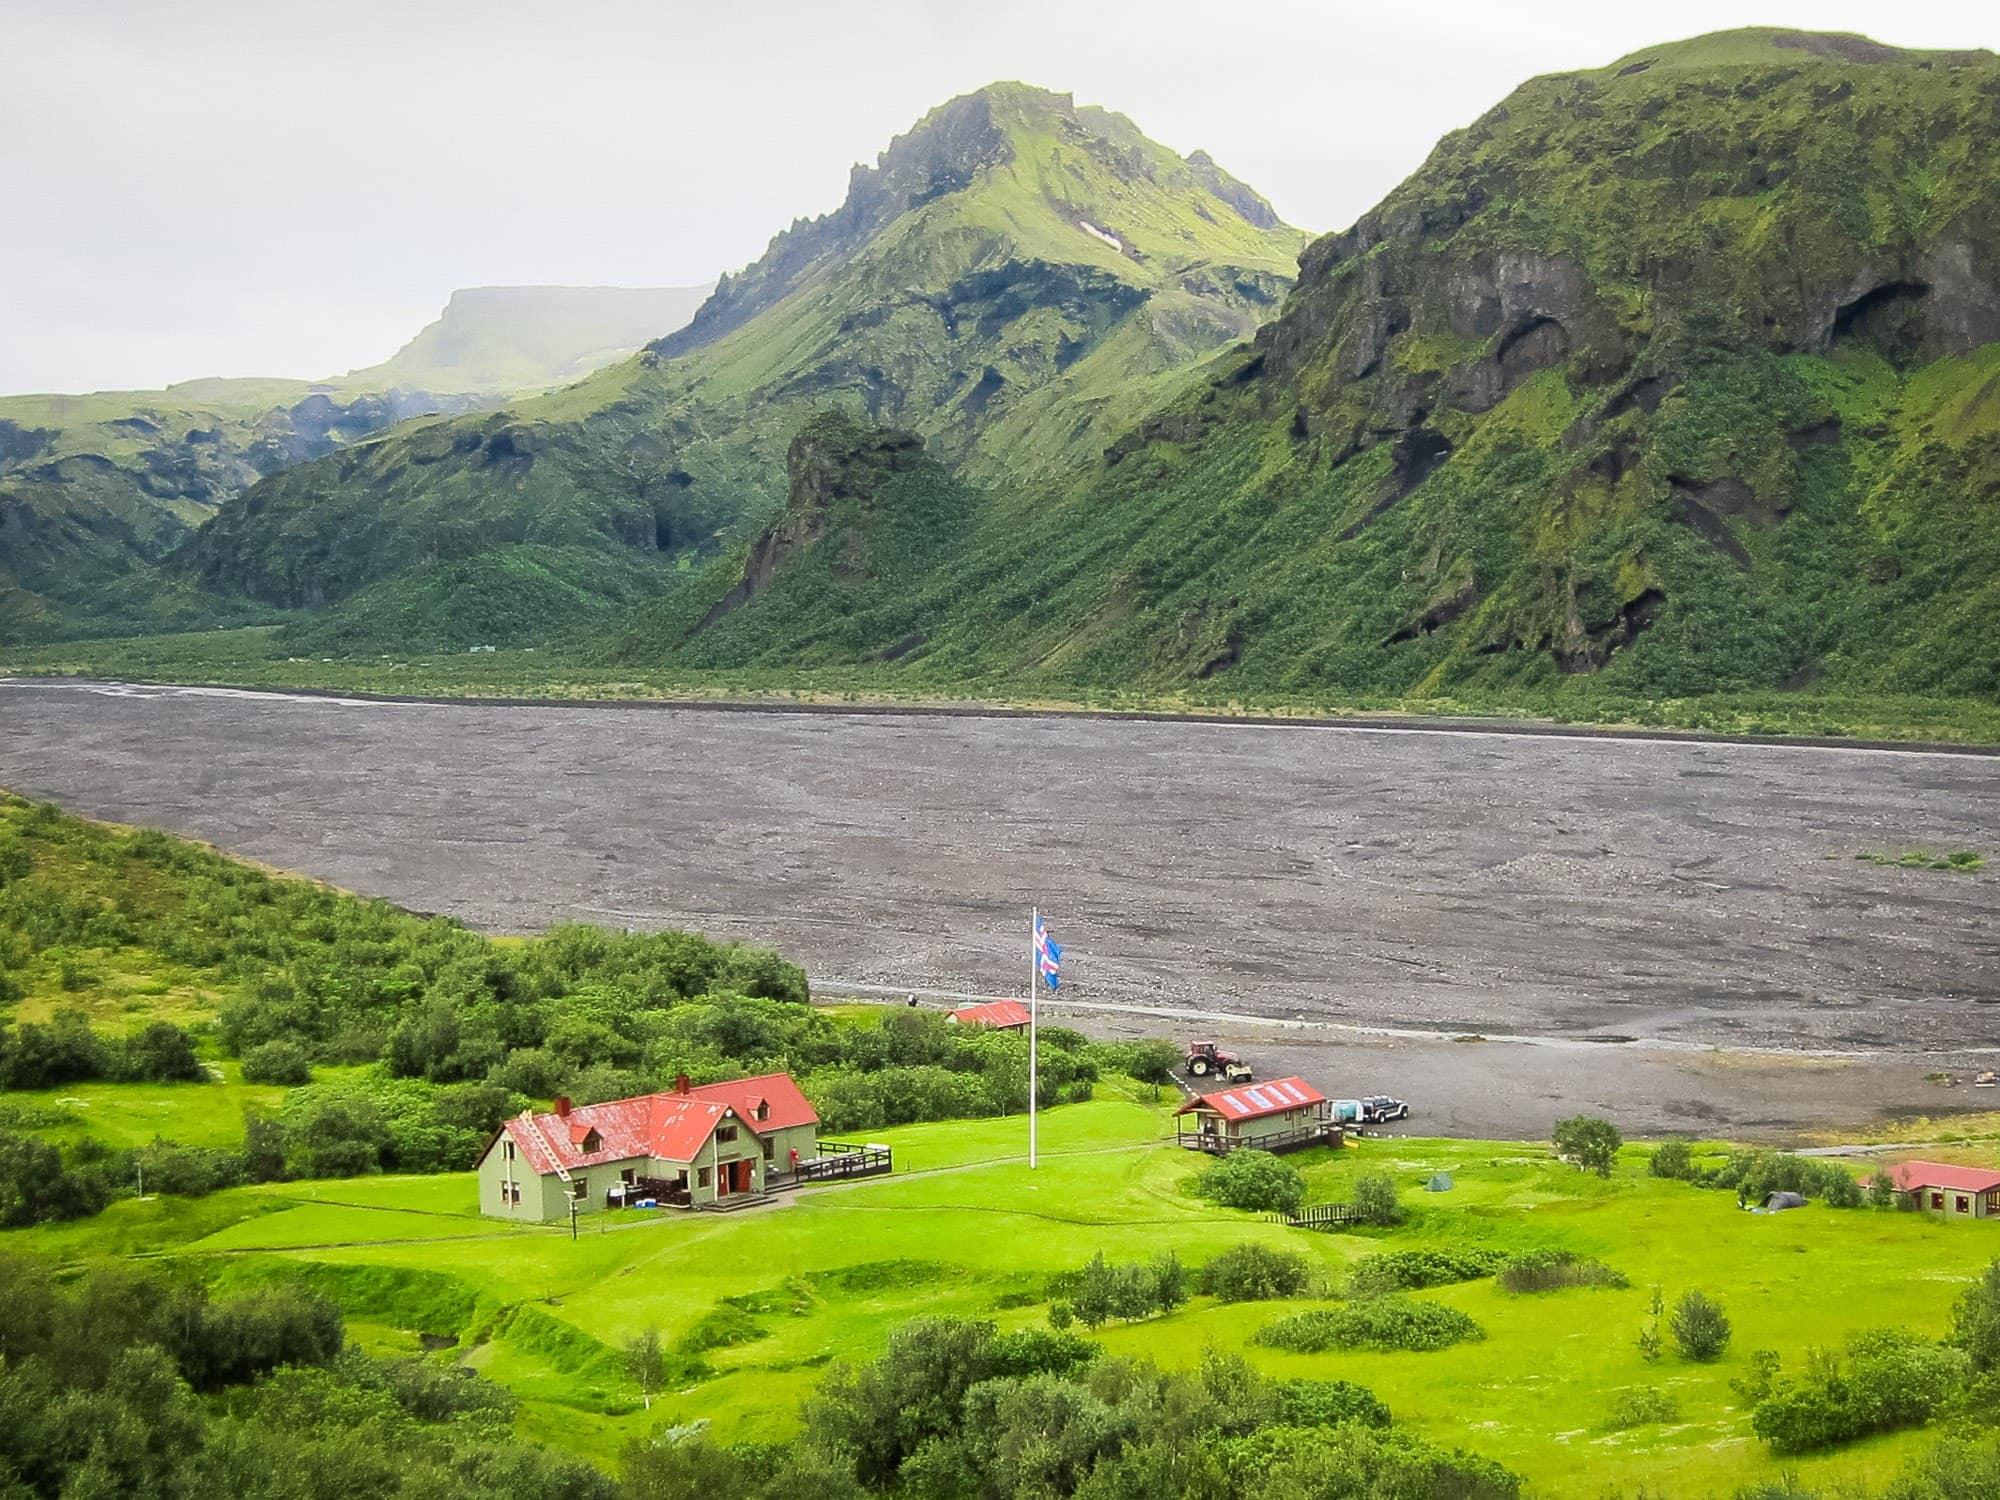 Iceland, Langidalur Hut, Laugavegur hike, hiking iceland